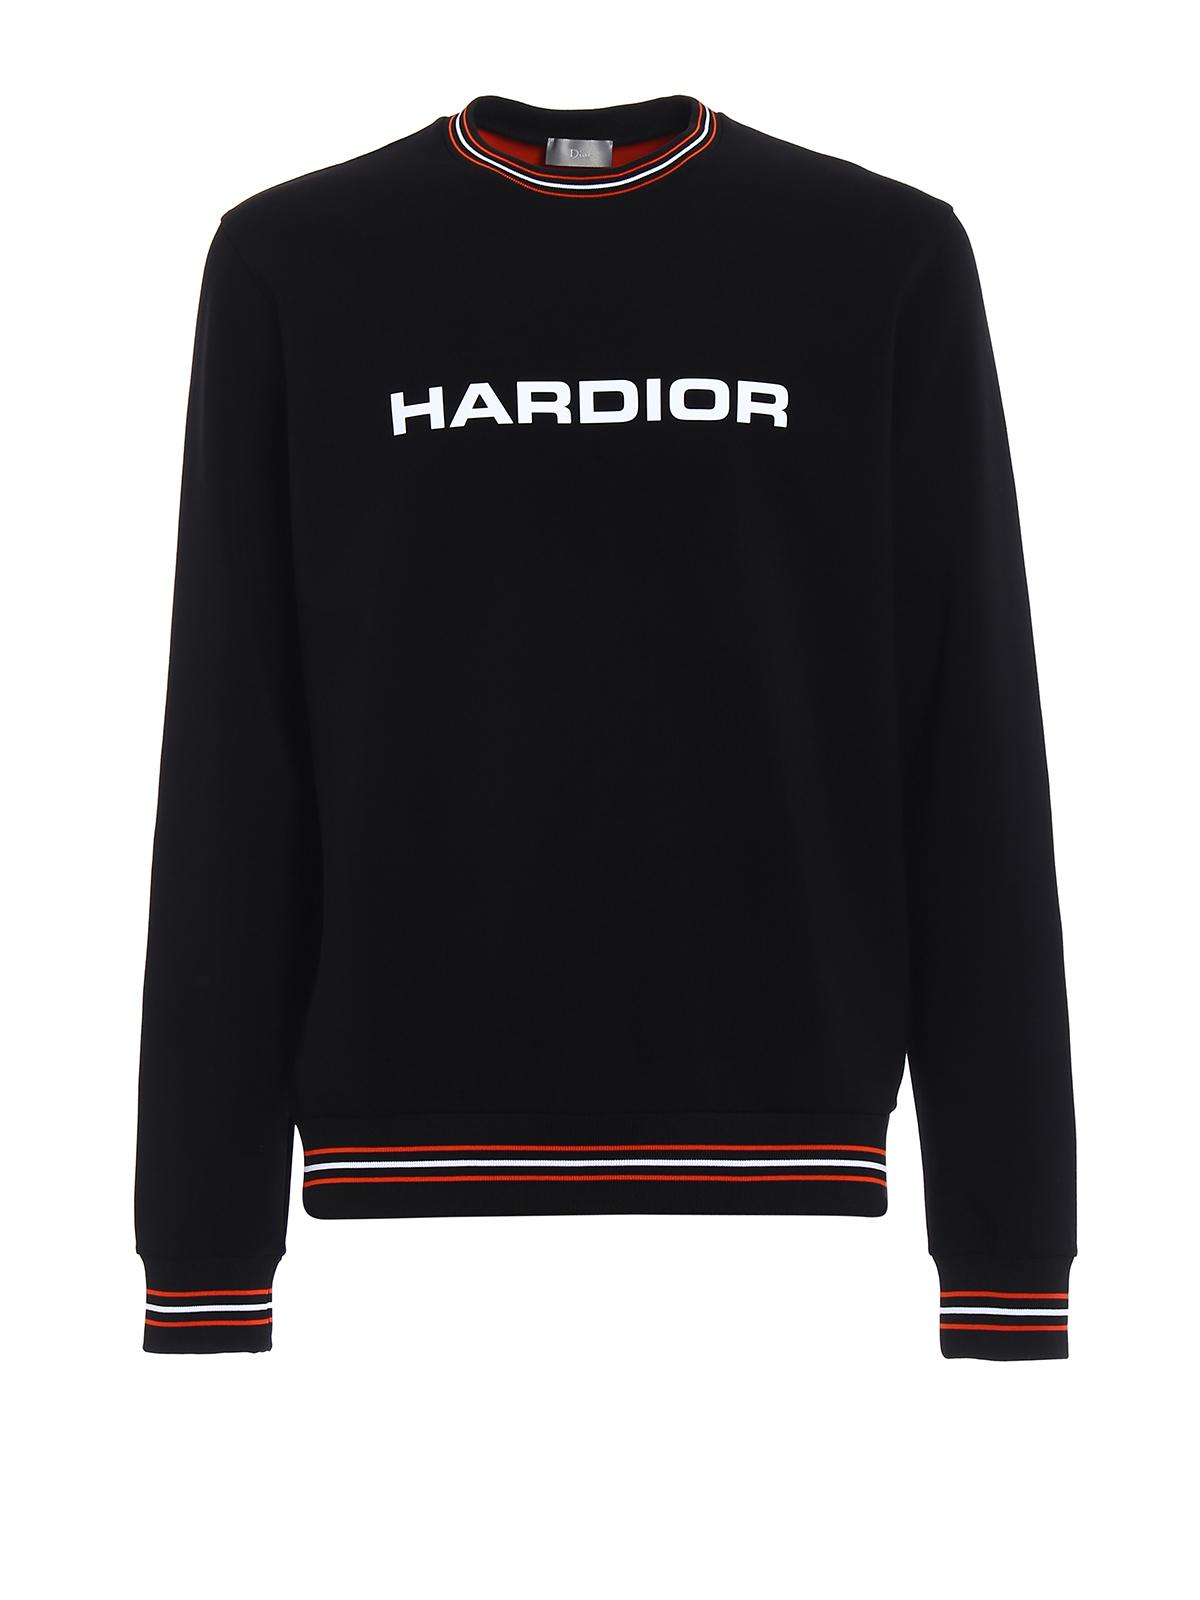 miglior sito web 5c5e2 ce0d1 Dior - Felpa Hardior in doppio jersey - Felpe e maglie ...